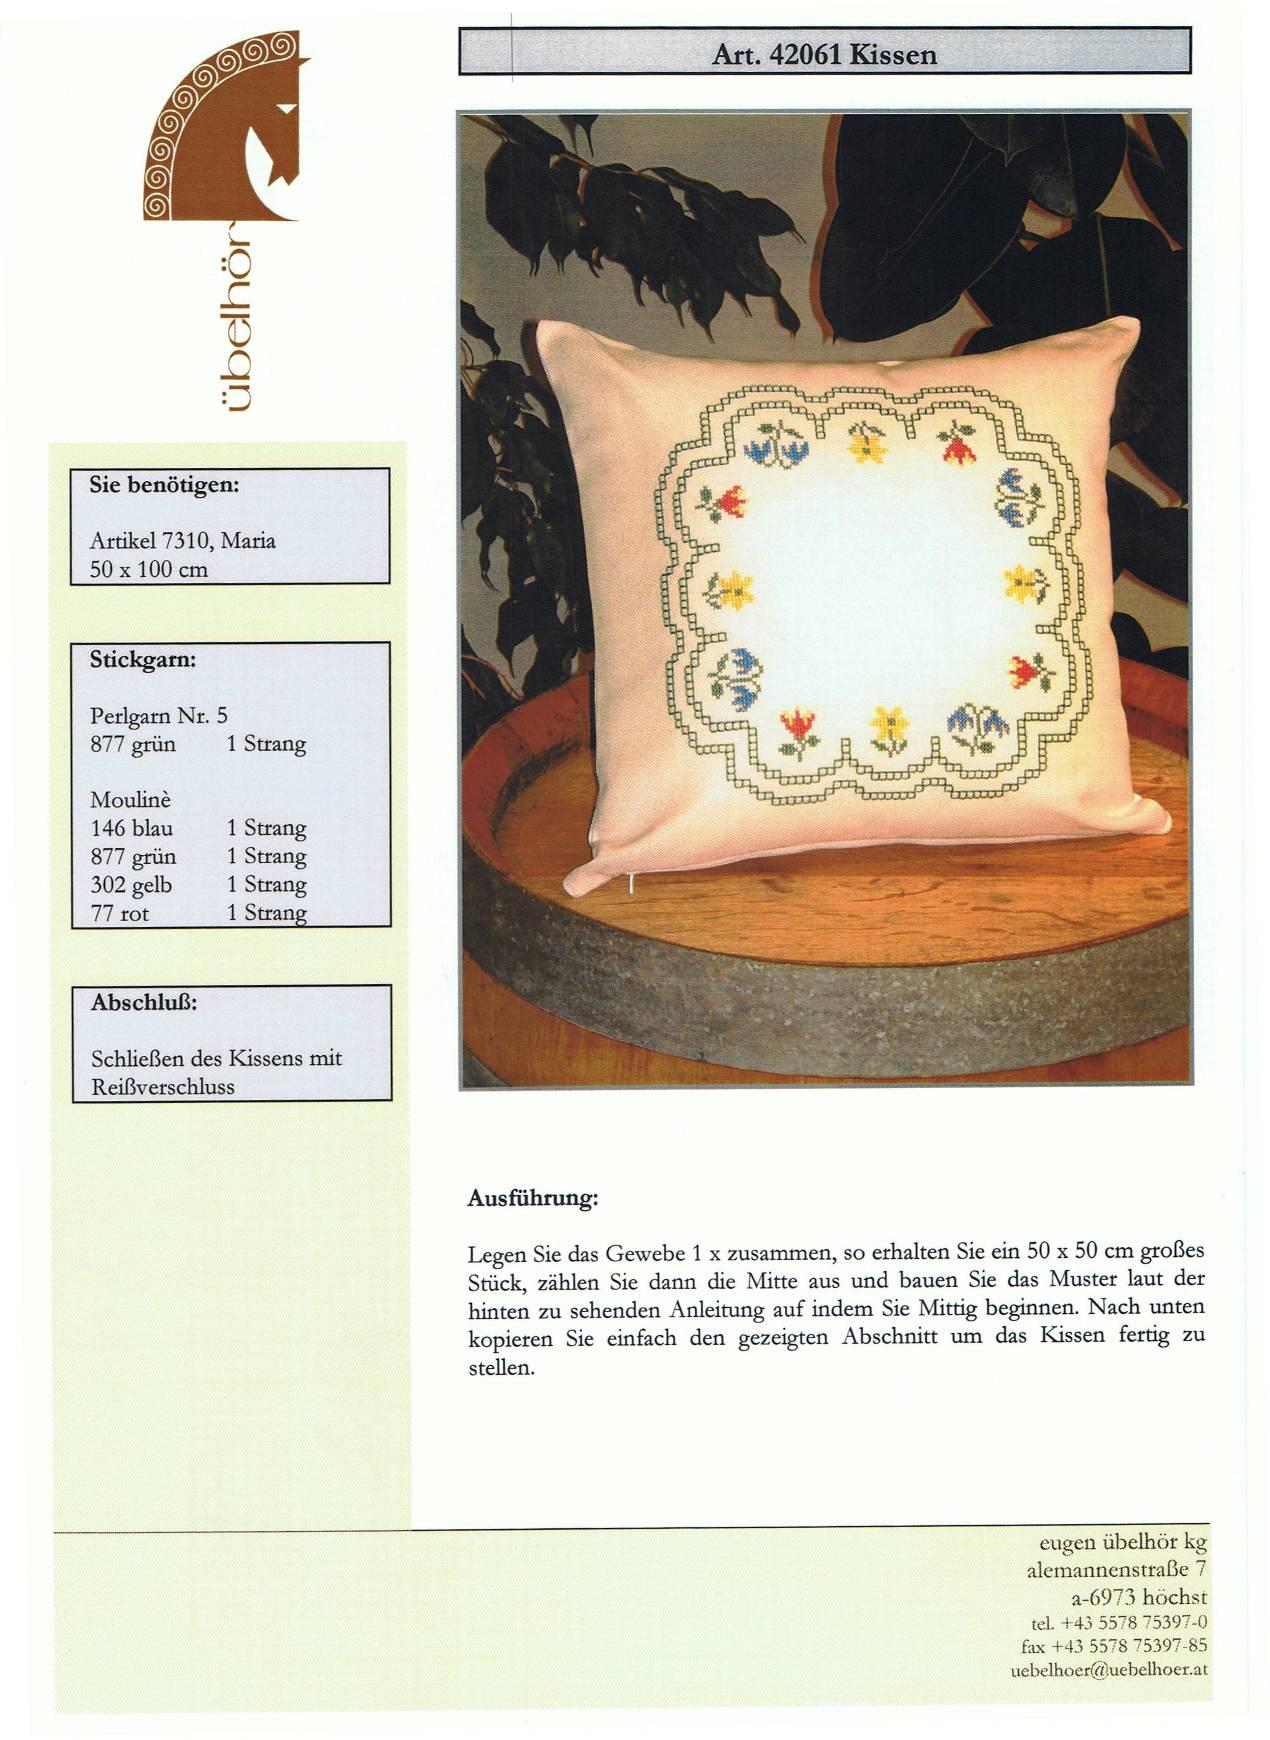 Angebot 07 - Kissen